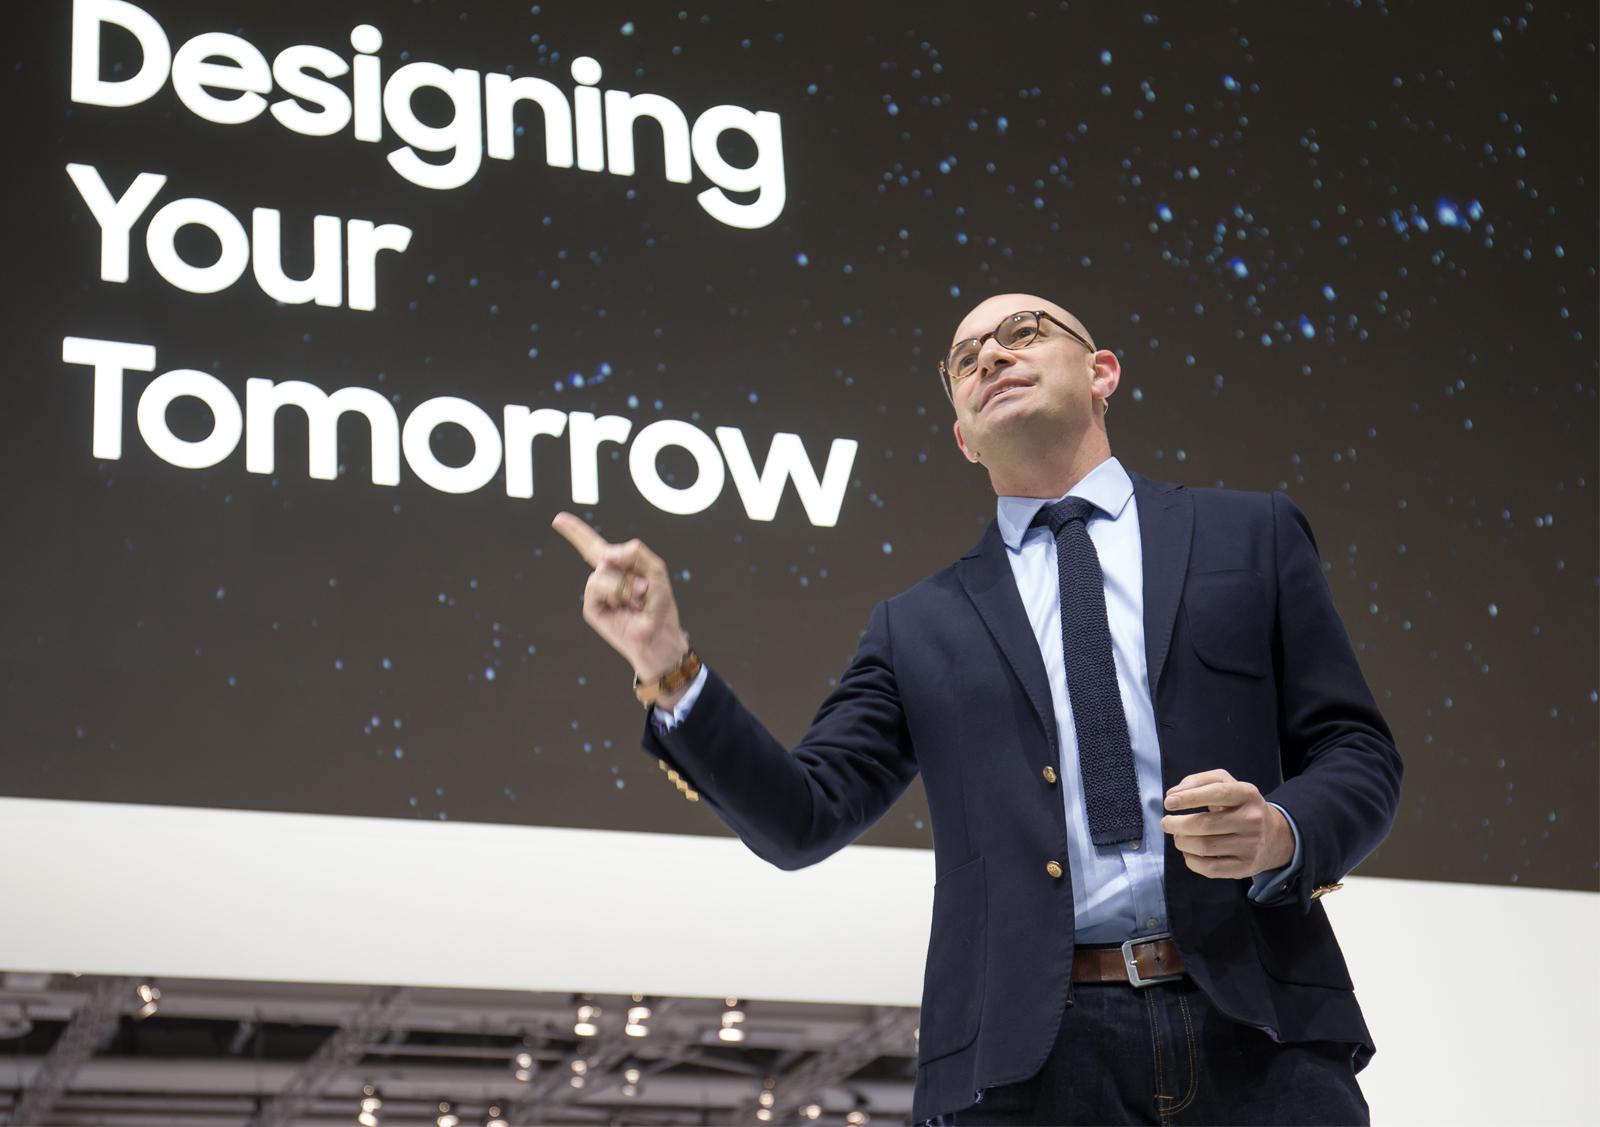 IFA 2019: Samsung отмечает пятидесятую годовщину инноваций будущего